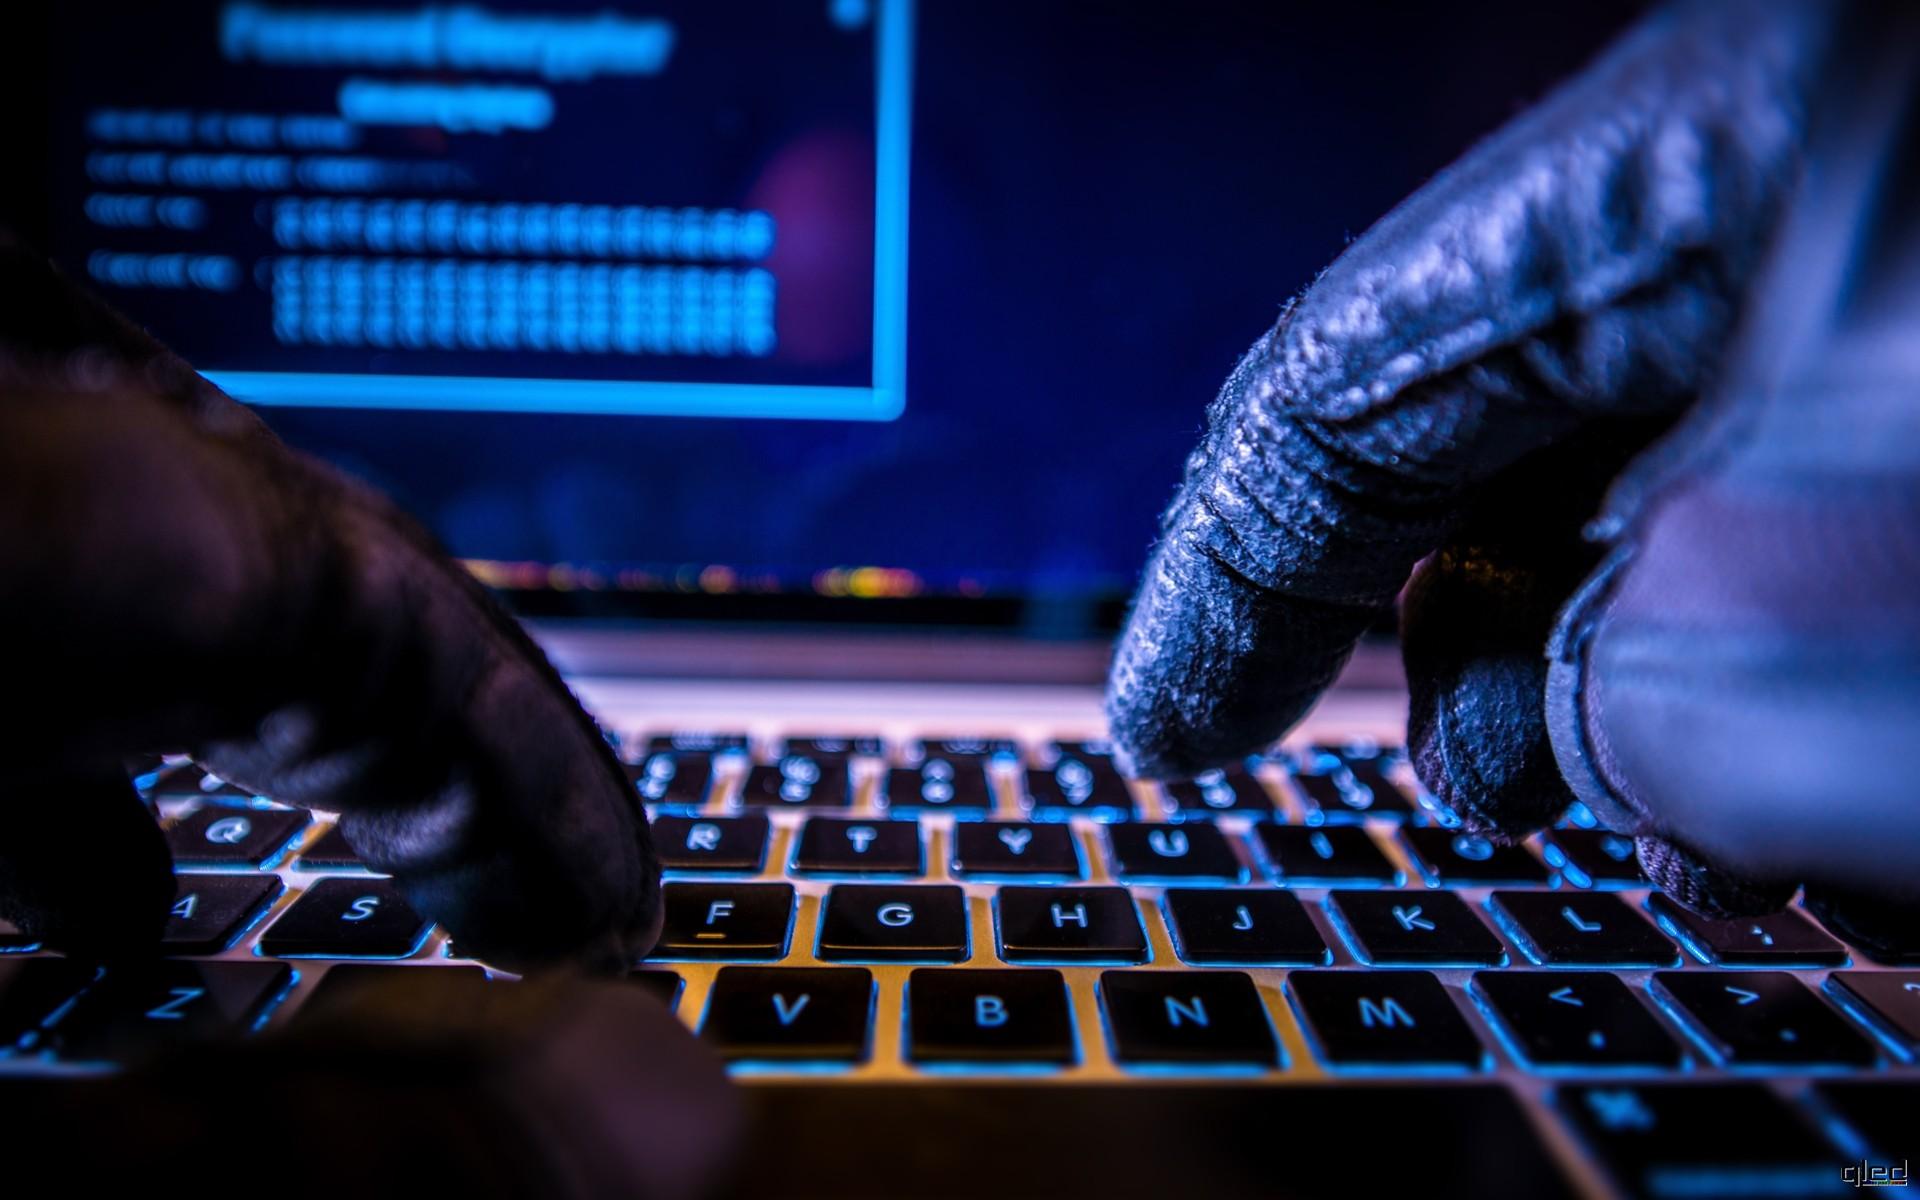 Власти Китая отрицают причастность к кибератаке на Microsoft Exchange Server